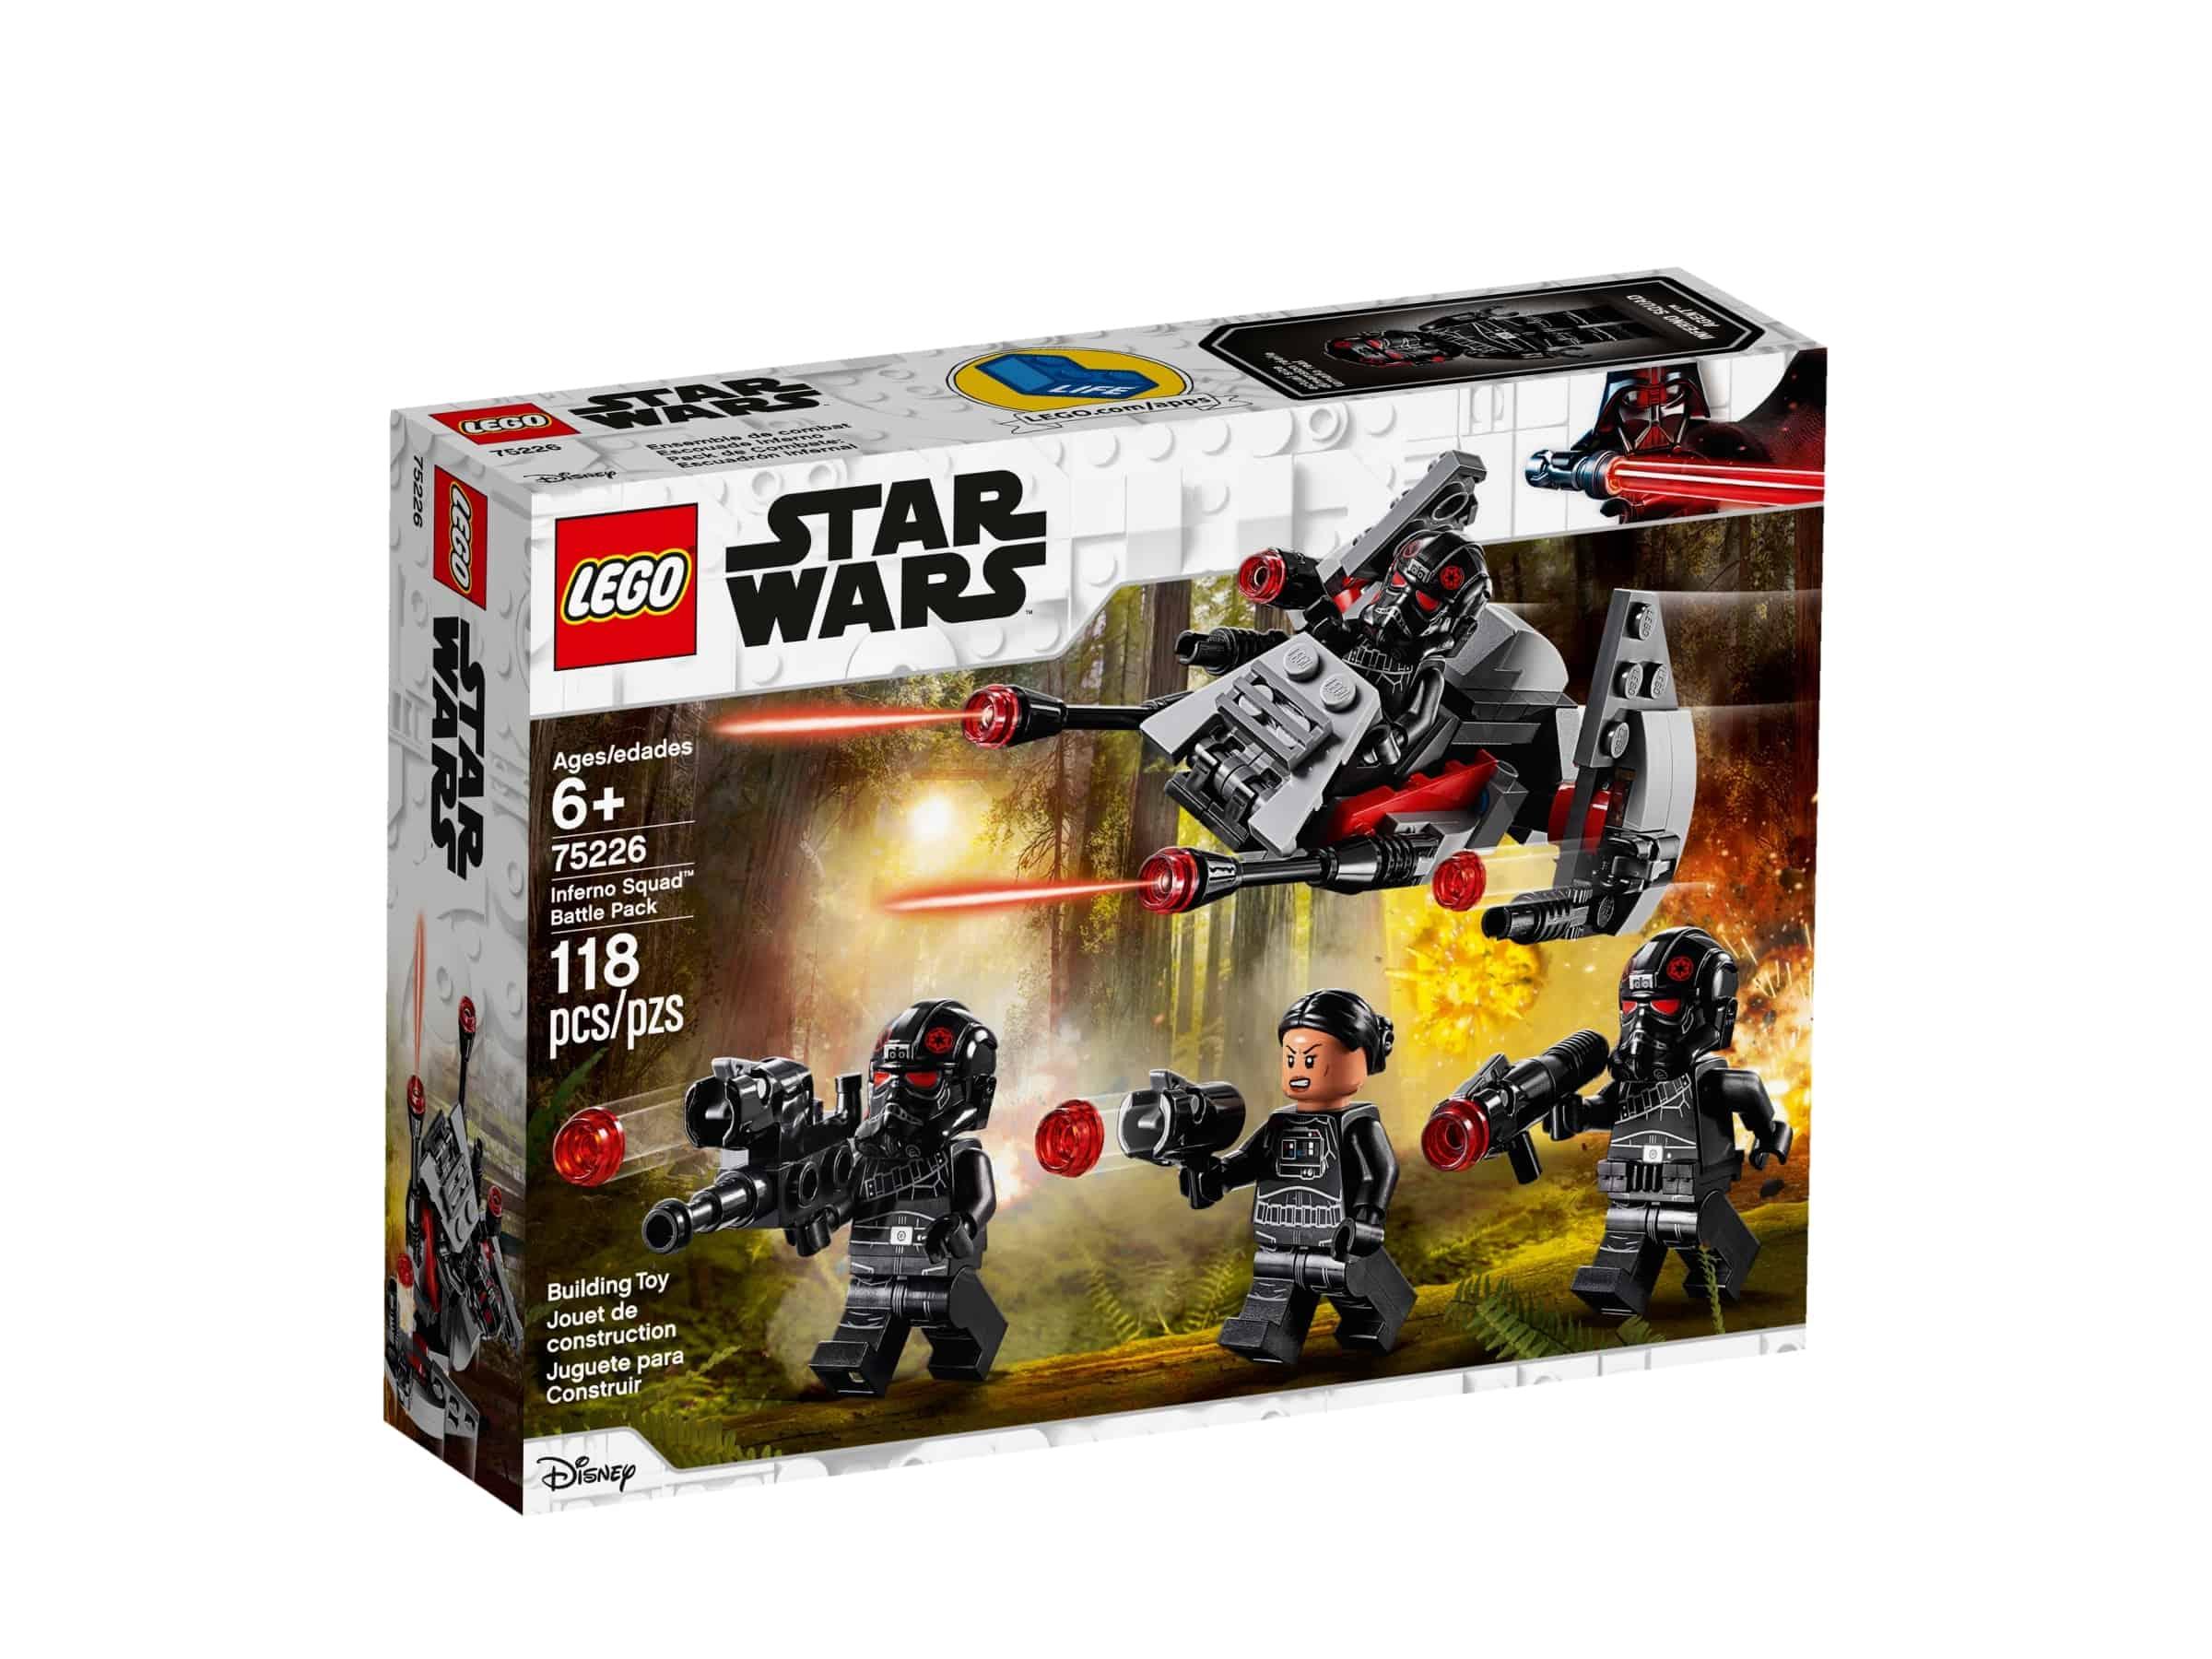 lego 75226 stridspakke med inferno squad